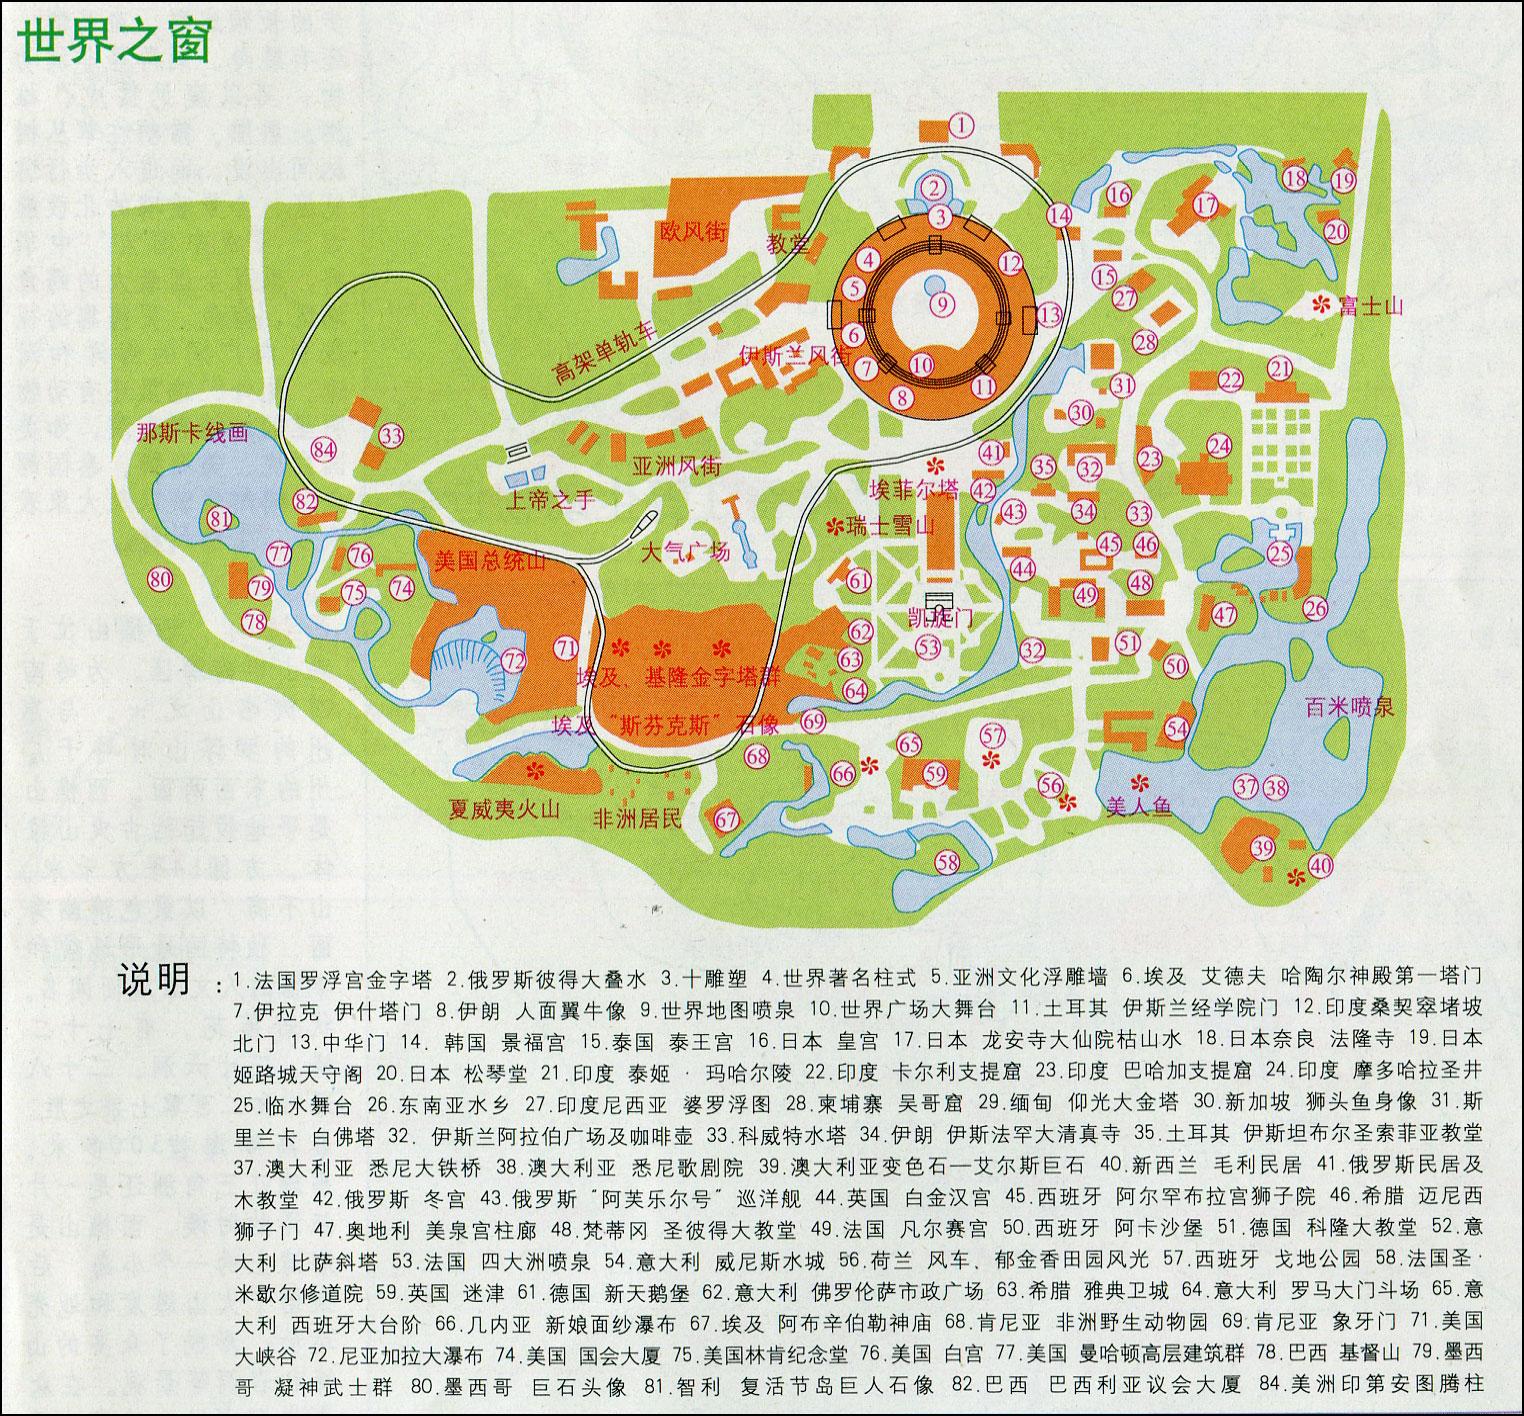 浙江旅游景点大全_世界之窗_广东旅游地图库_地图窝